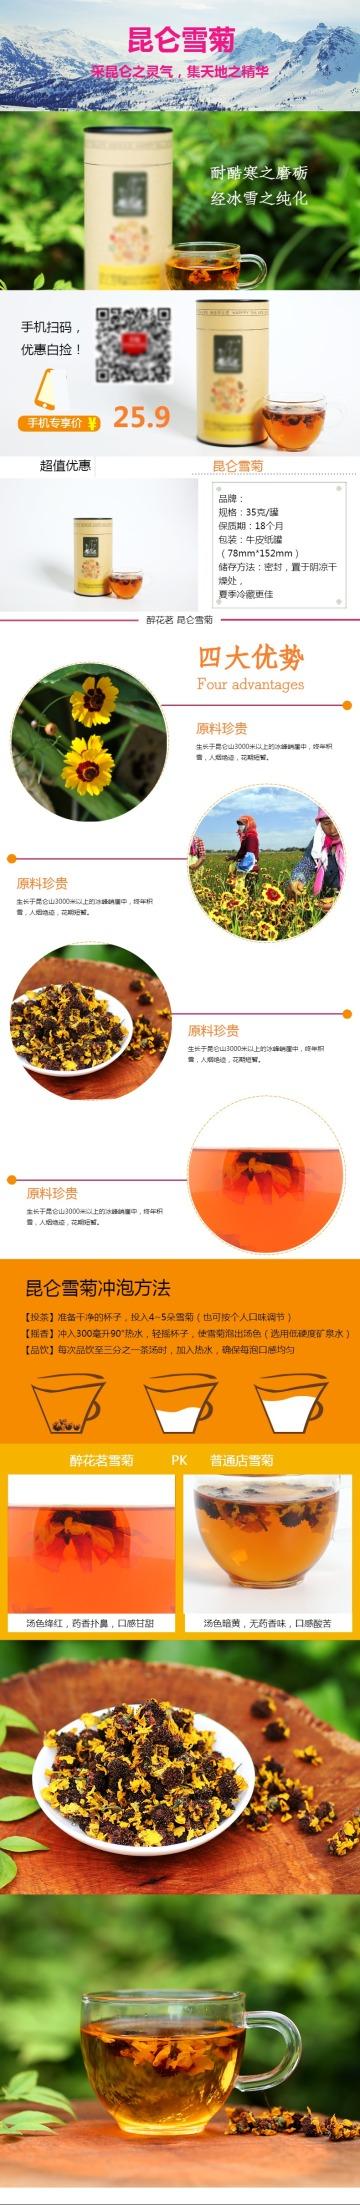 橙色清新文艺生活花茶电商详情图